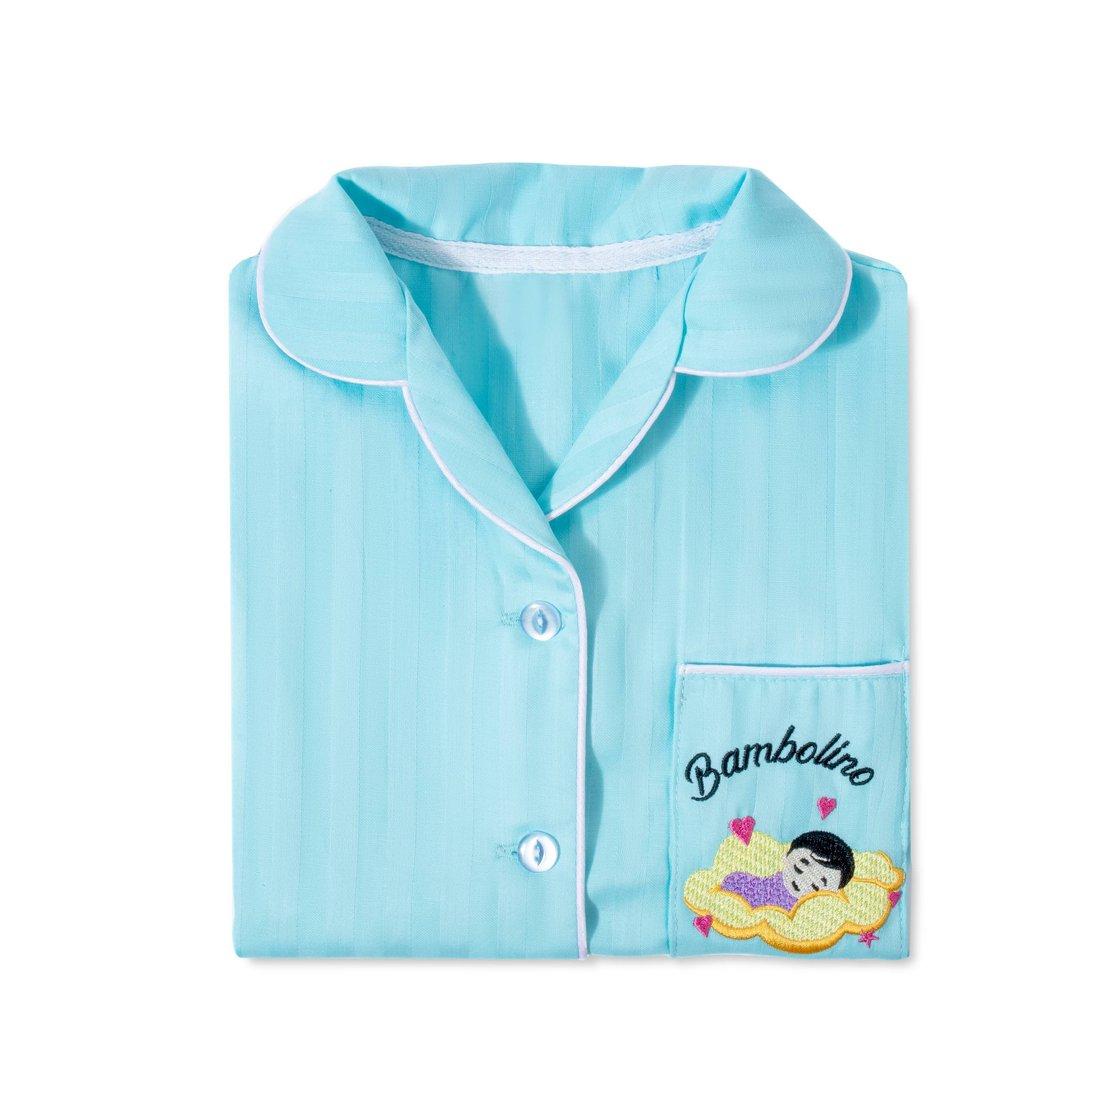 Купить Детская пижама Bambolino, голубая 122, Mixit